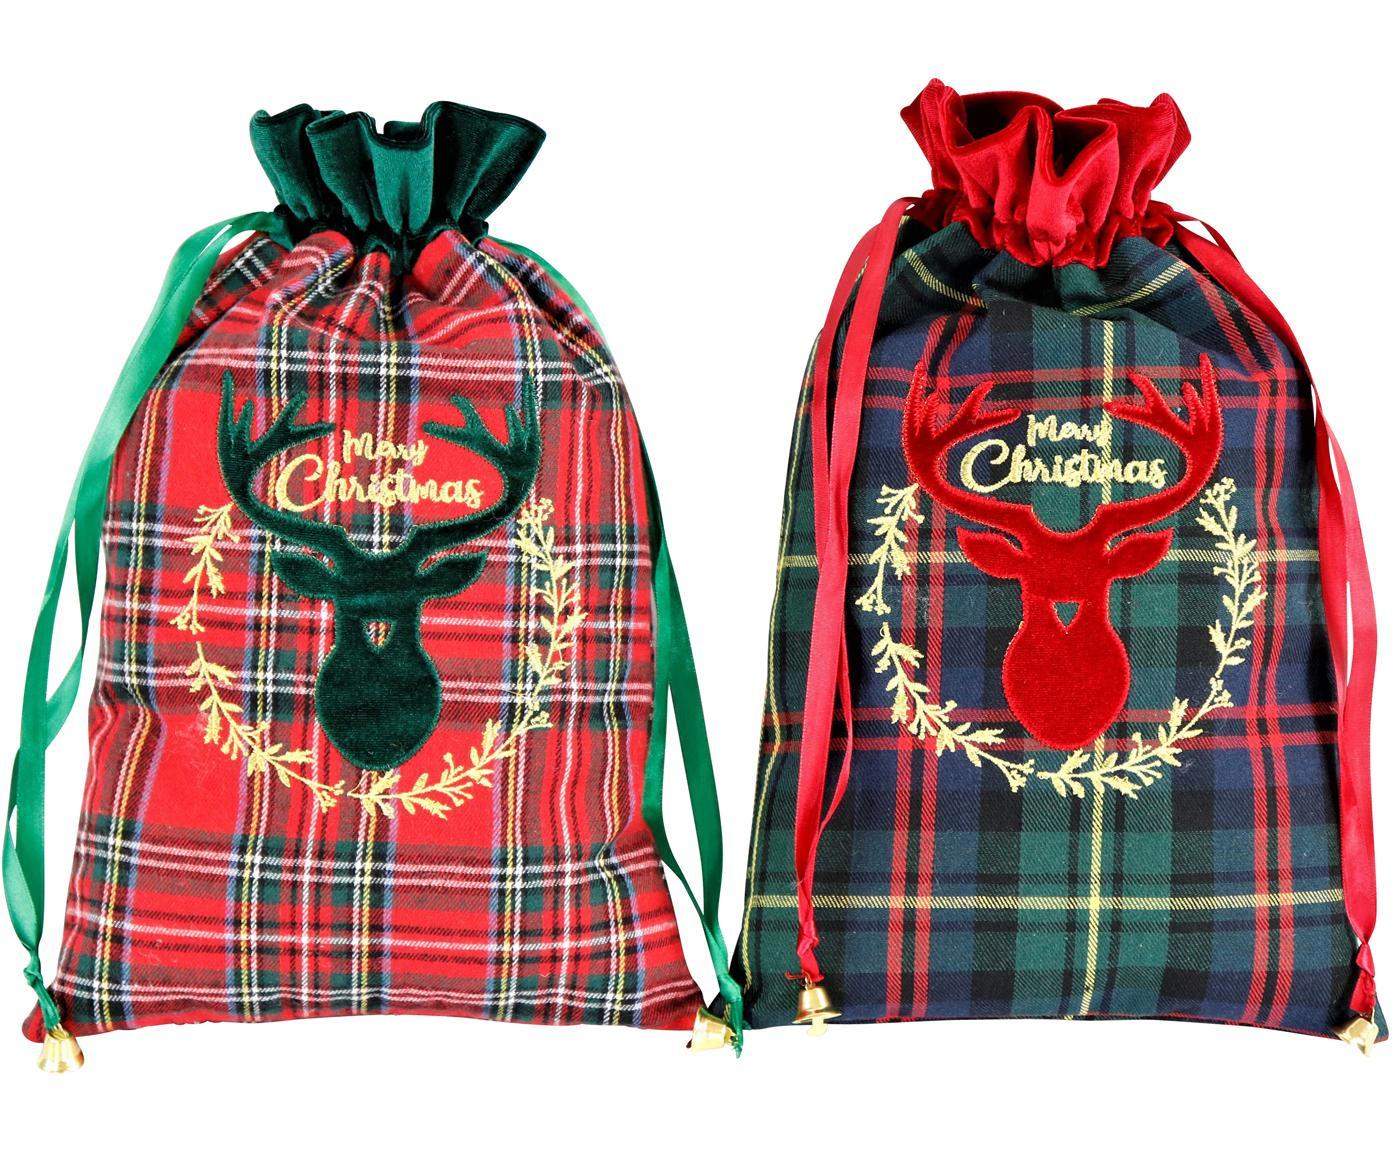 Set de calcetines decorativos Merry Christmas, 2pzas., Poliéster, algodón, Verde, rojo, negro, An 22 x L 35 cm